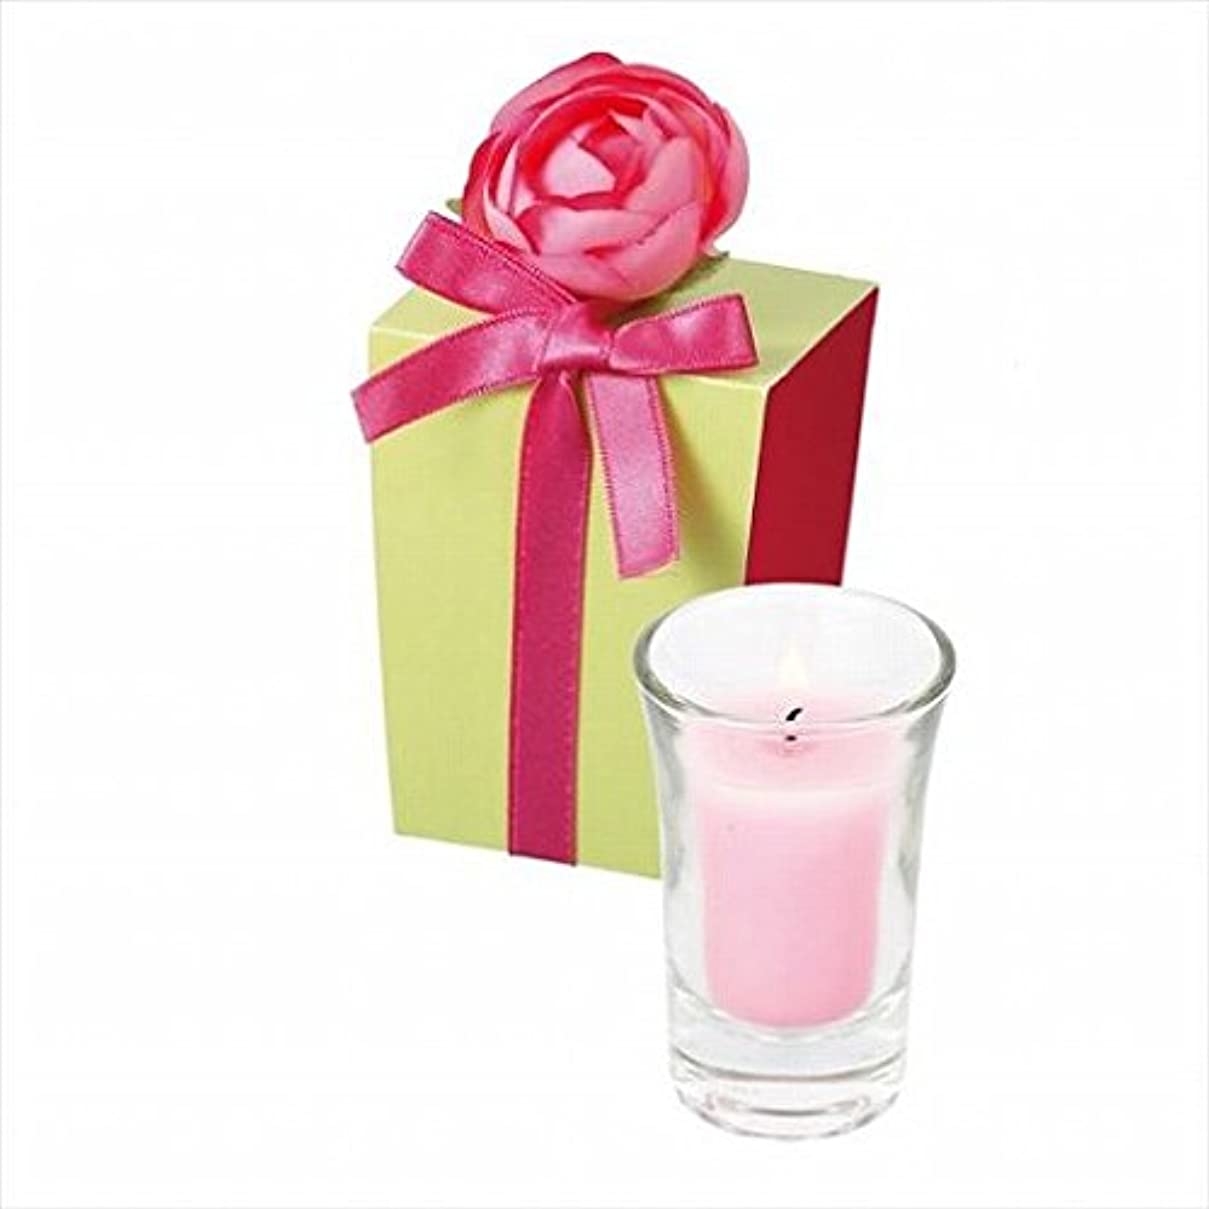 署名船外スペシャリストkameyama candle(カメヤマキャンドル) ラナンキュラスグラスキャンドル 「 ピンク 」(A9390500PK)